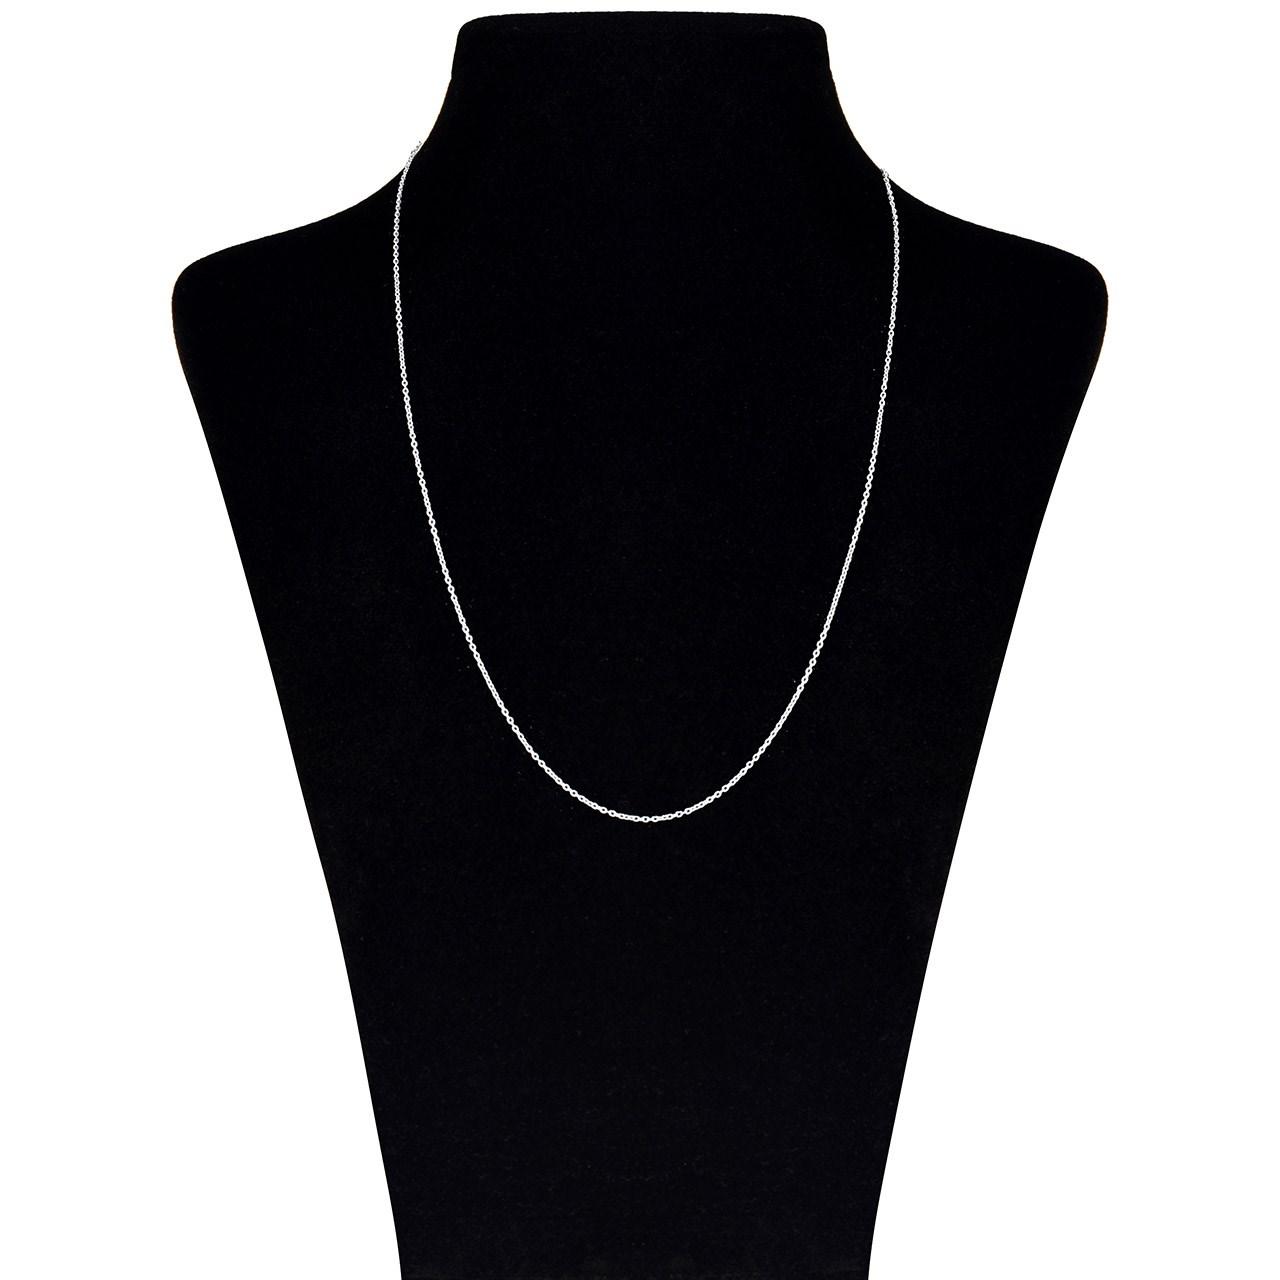 قیمت زنجیر طلا 18 عیار ماهک مدل MM0656 - مایا ماهک